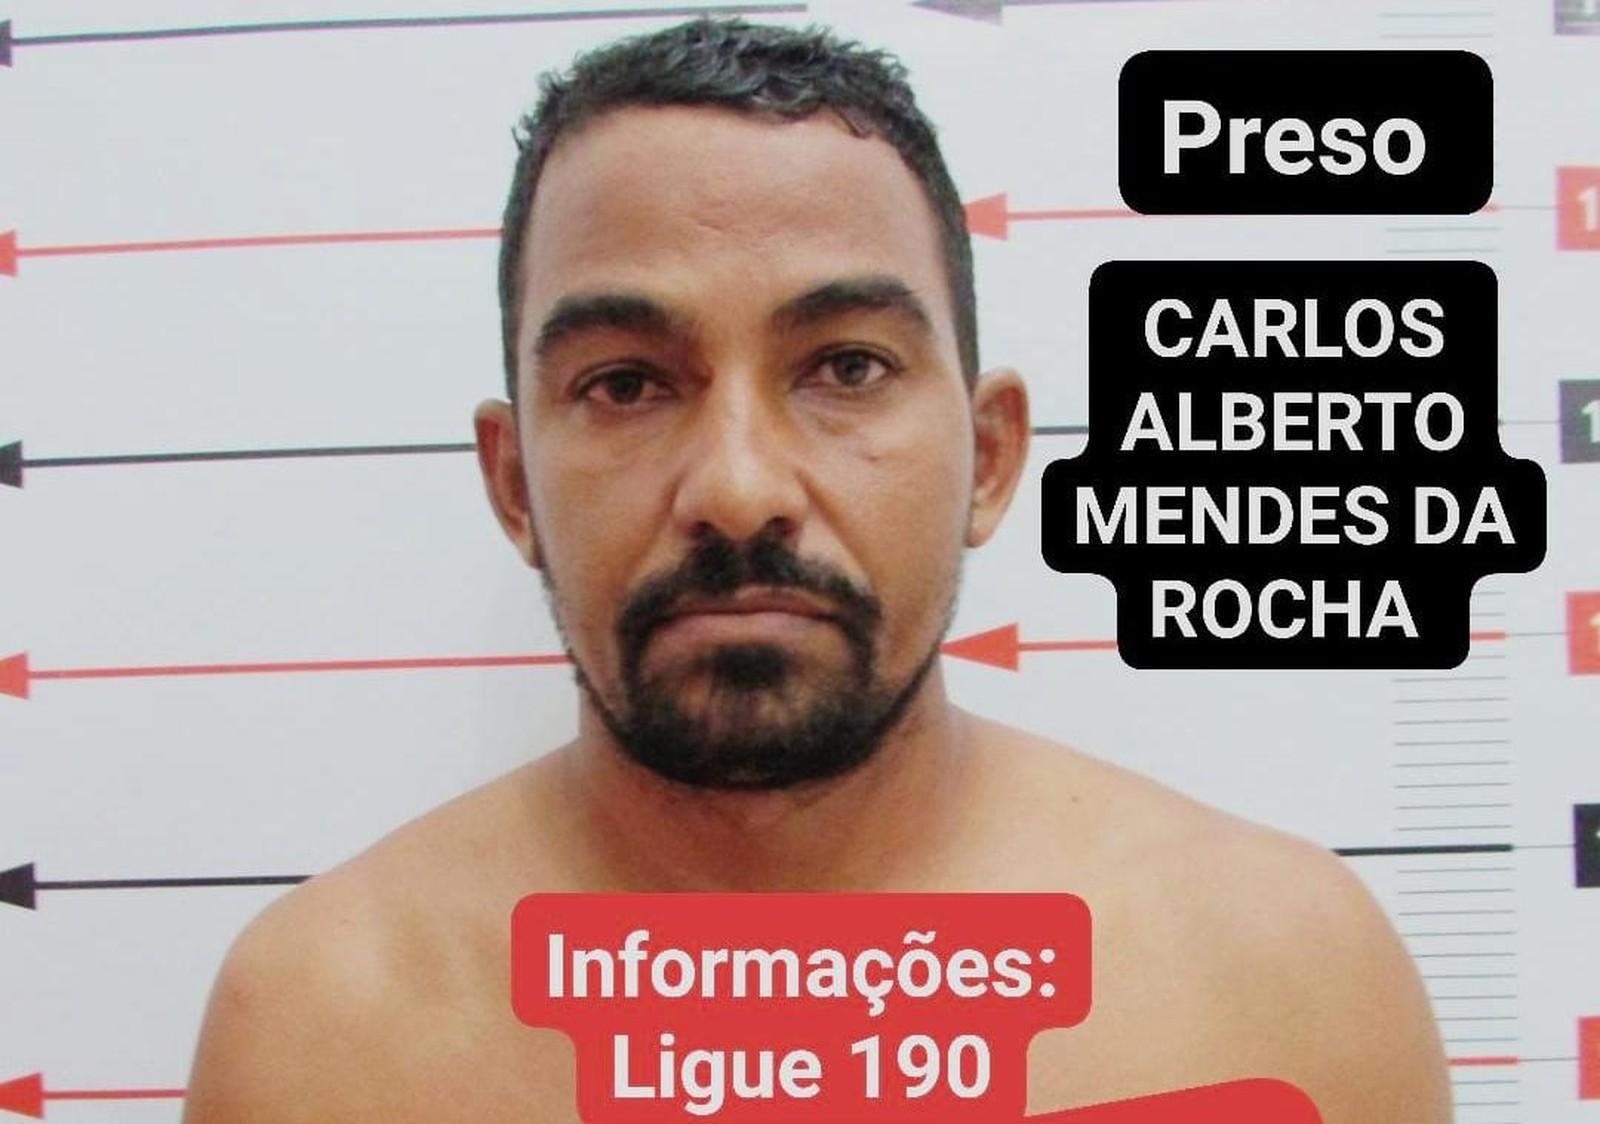 Preso consegue fugir da Casa de Prisão Provisória de Palmas e é procurado